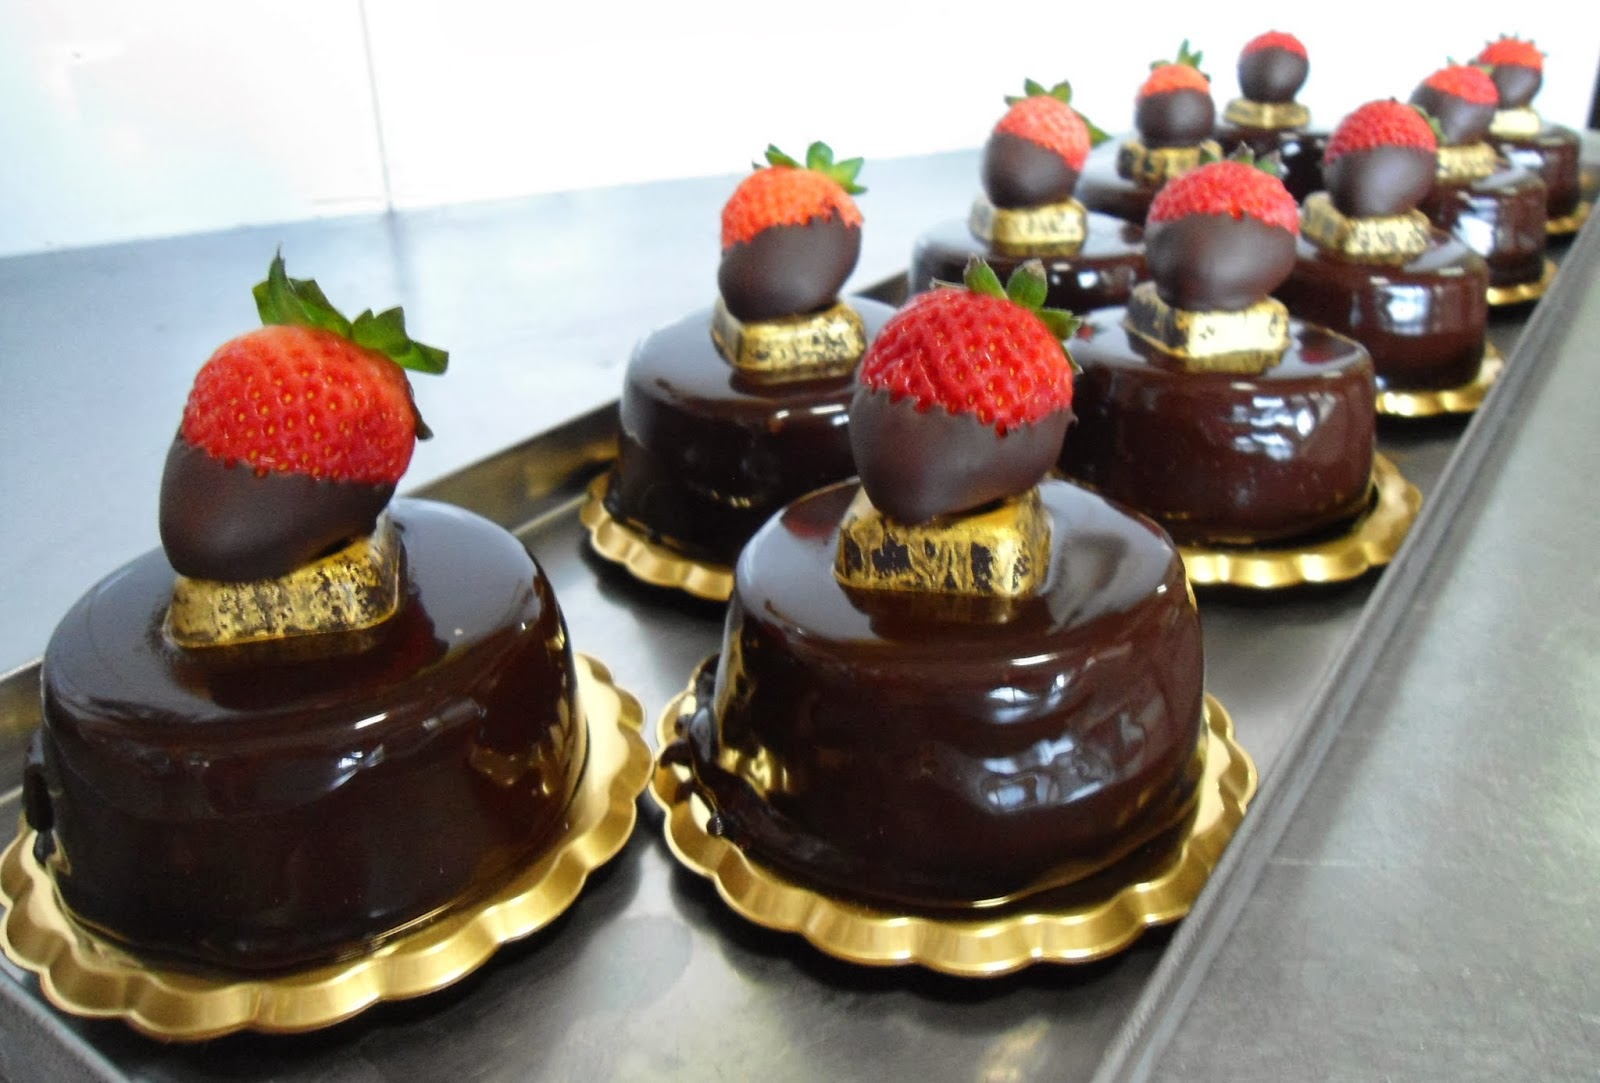 Le torte di antonio mousse a torta alla fragola con - Glassa a specchio su pan di spagna ...